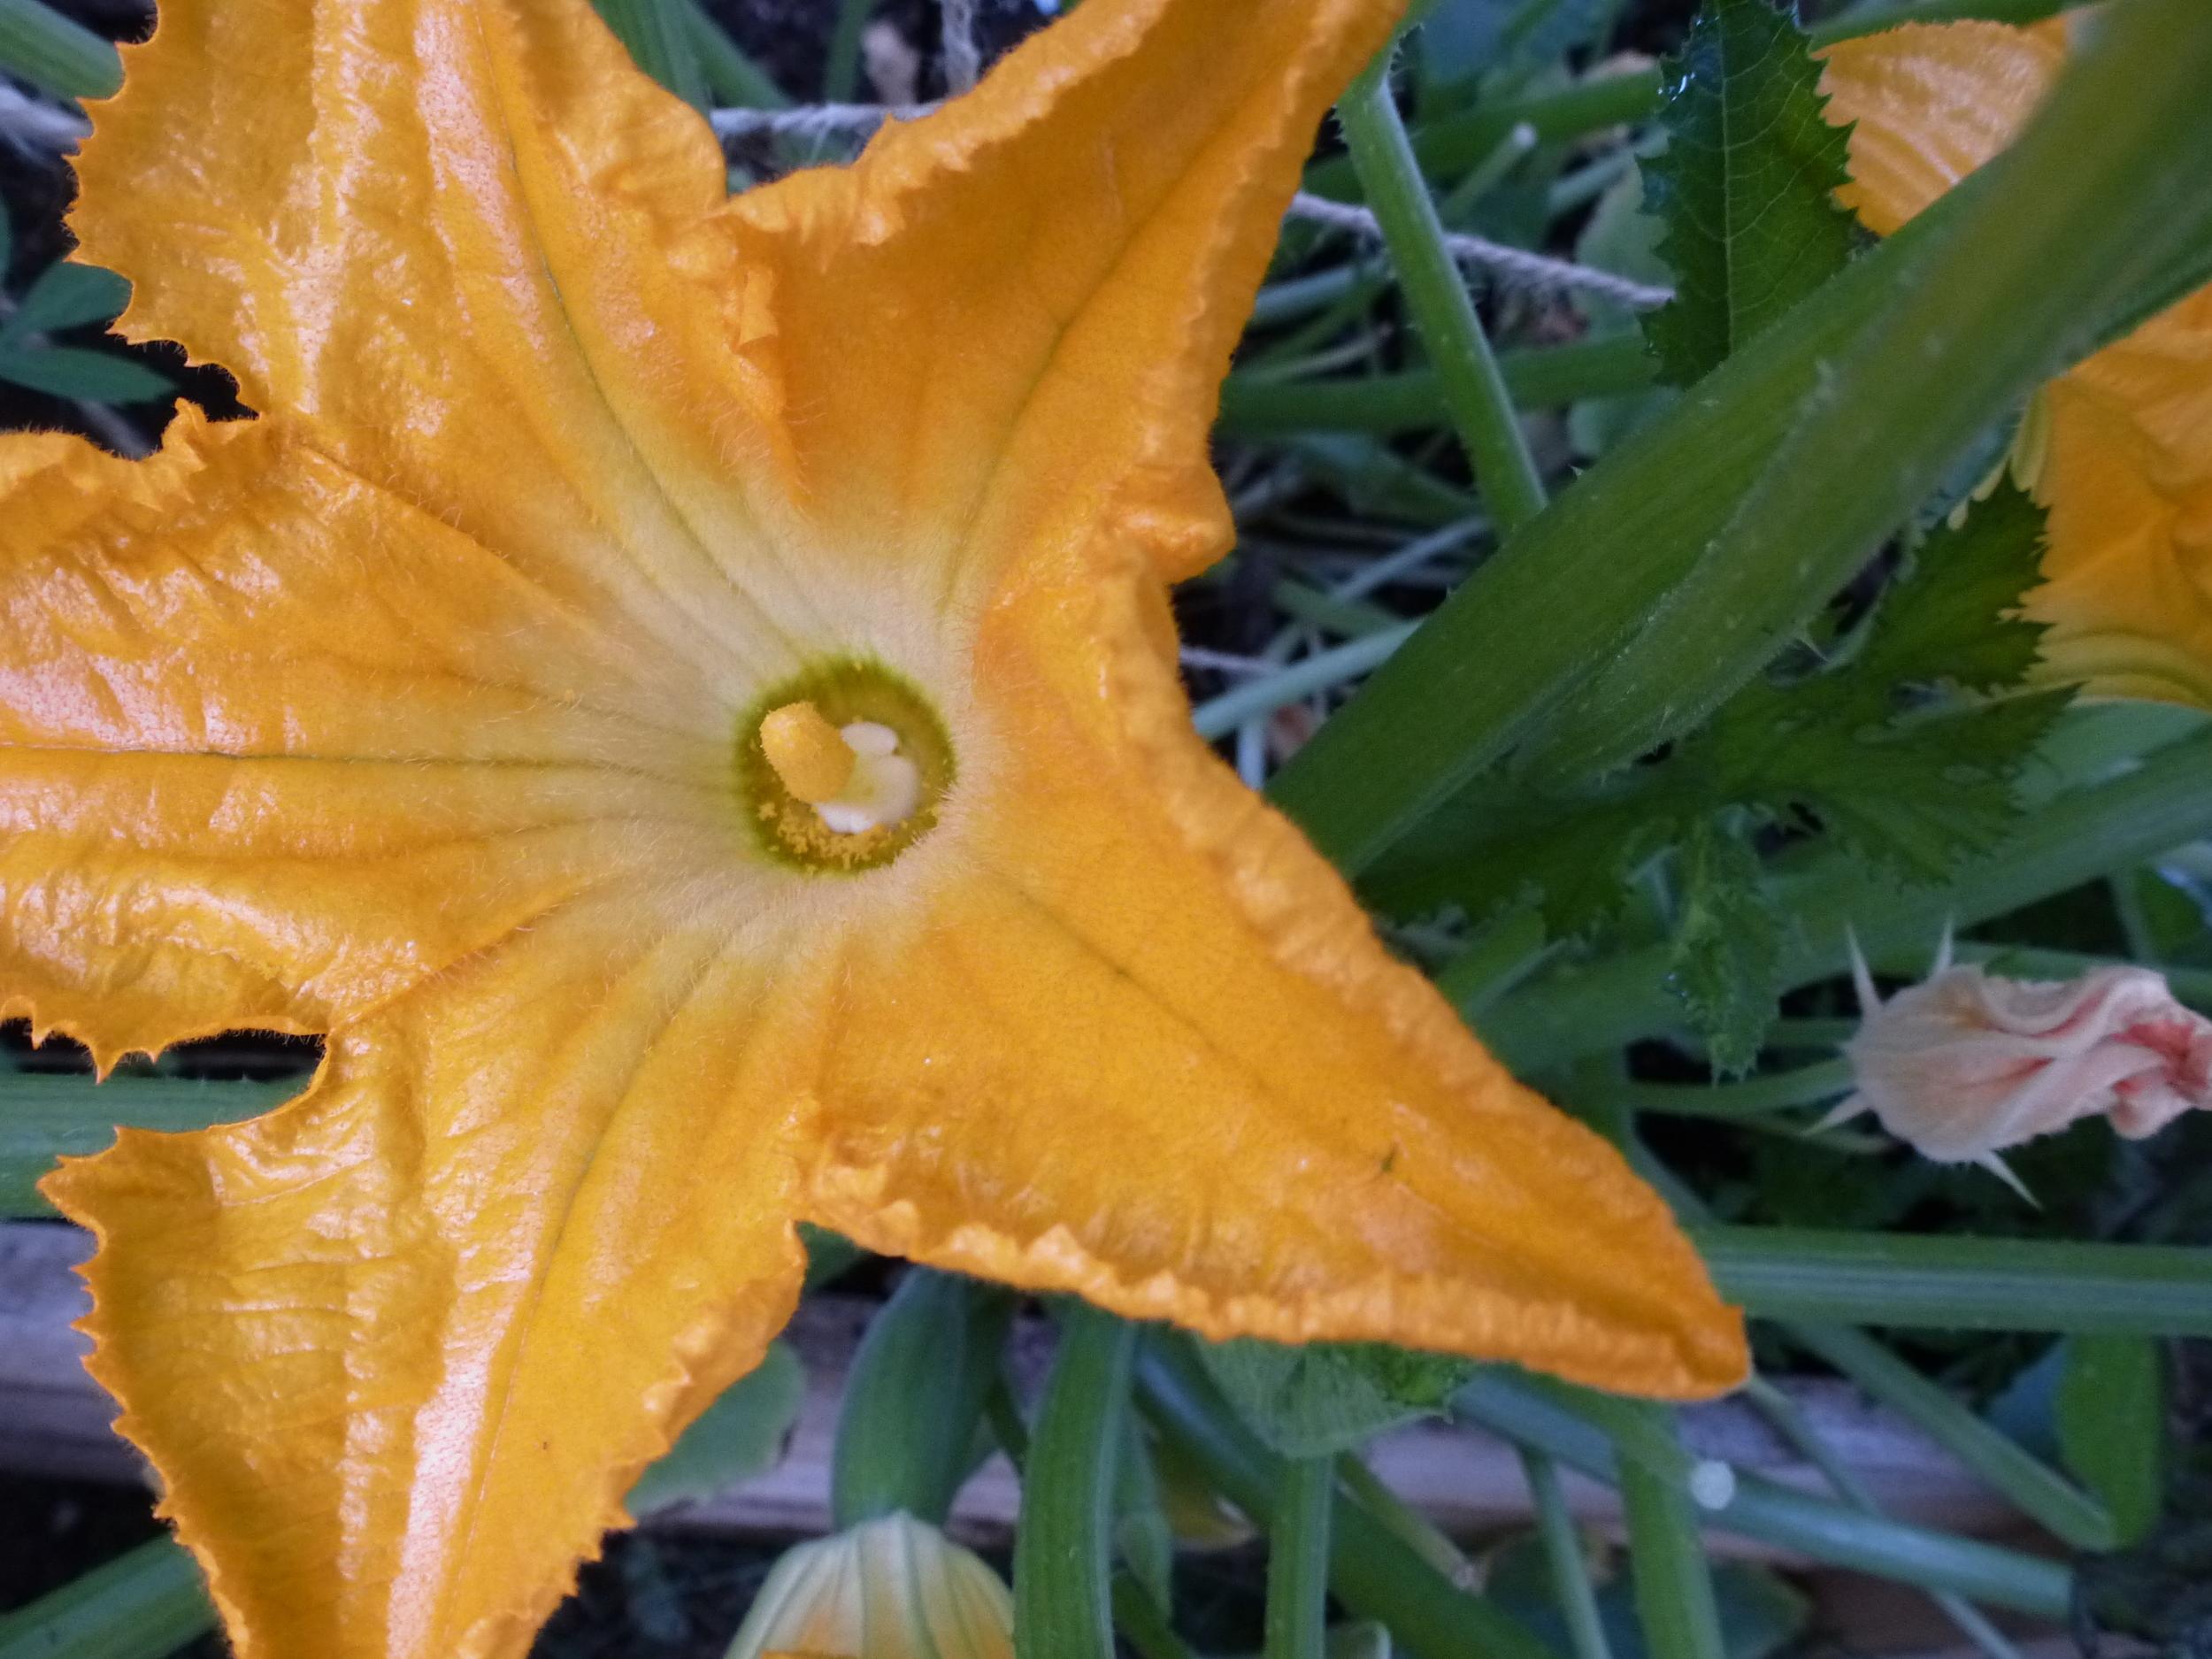 Male Stamen & Pollen